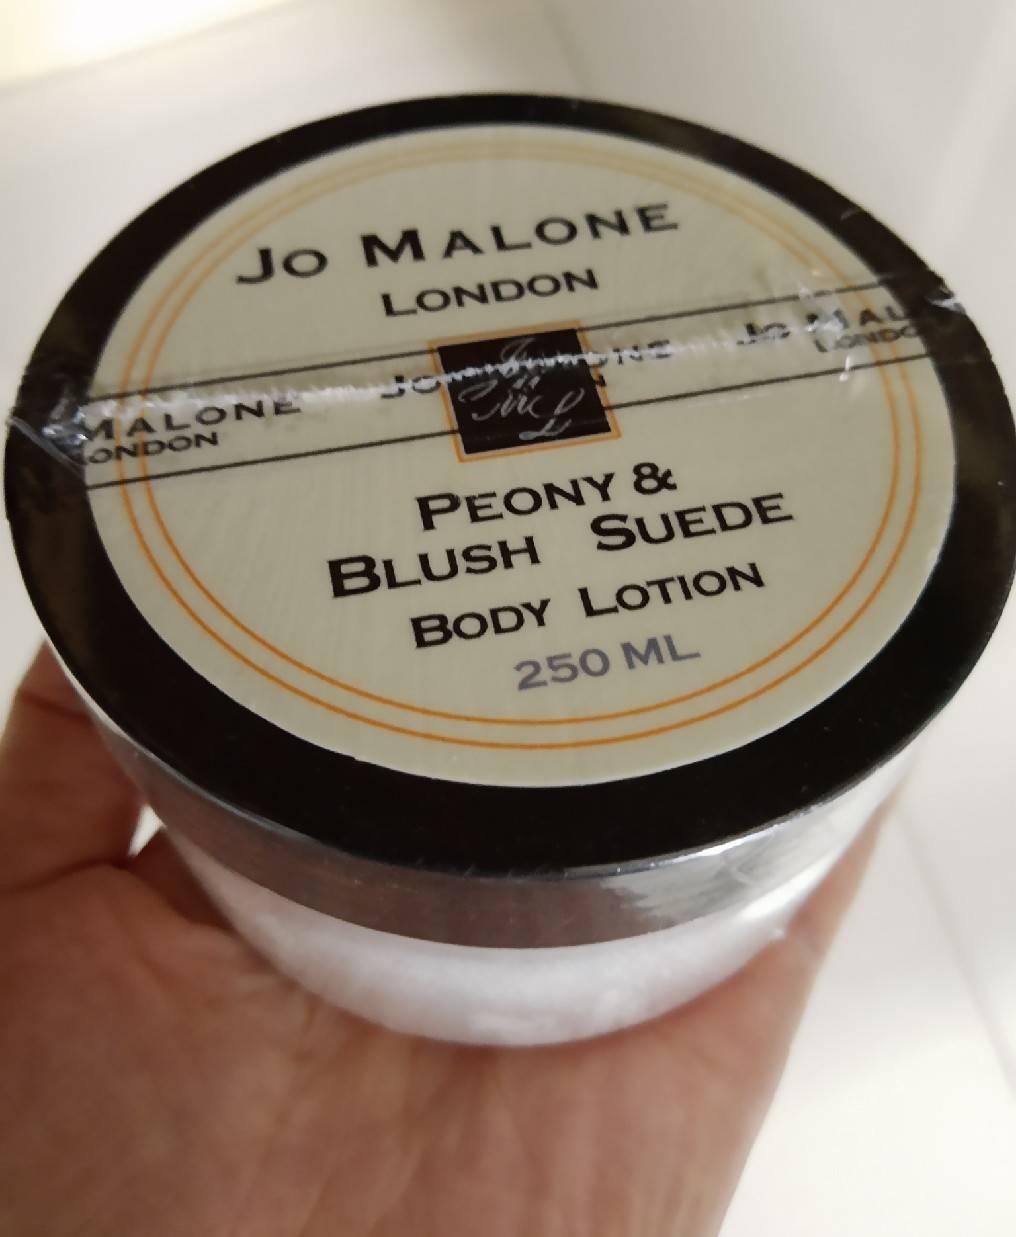 ครีมน้ำหอม JO MALONE LONDON Peony  Blush Suede cologne Body Lotion เพิ่มปริมาณเป็น 250ml.